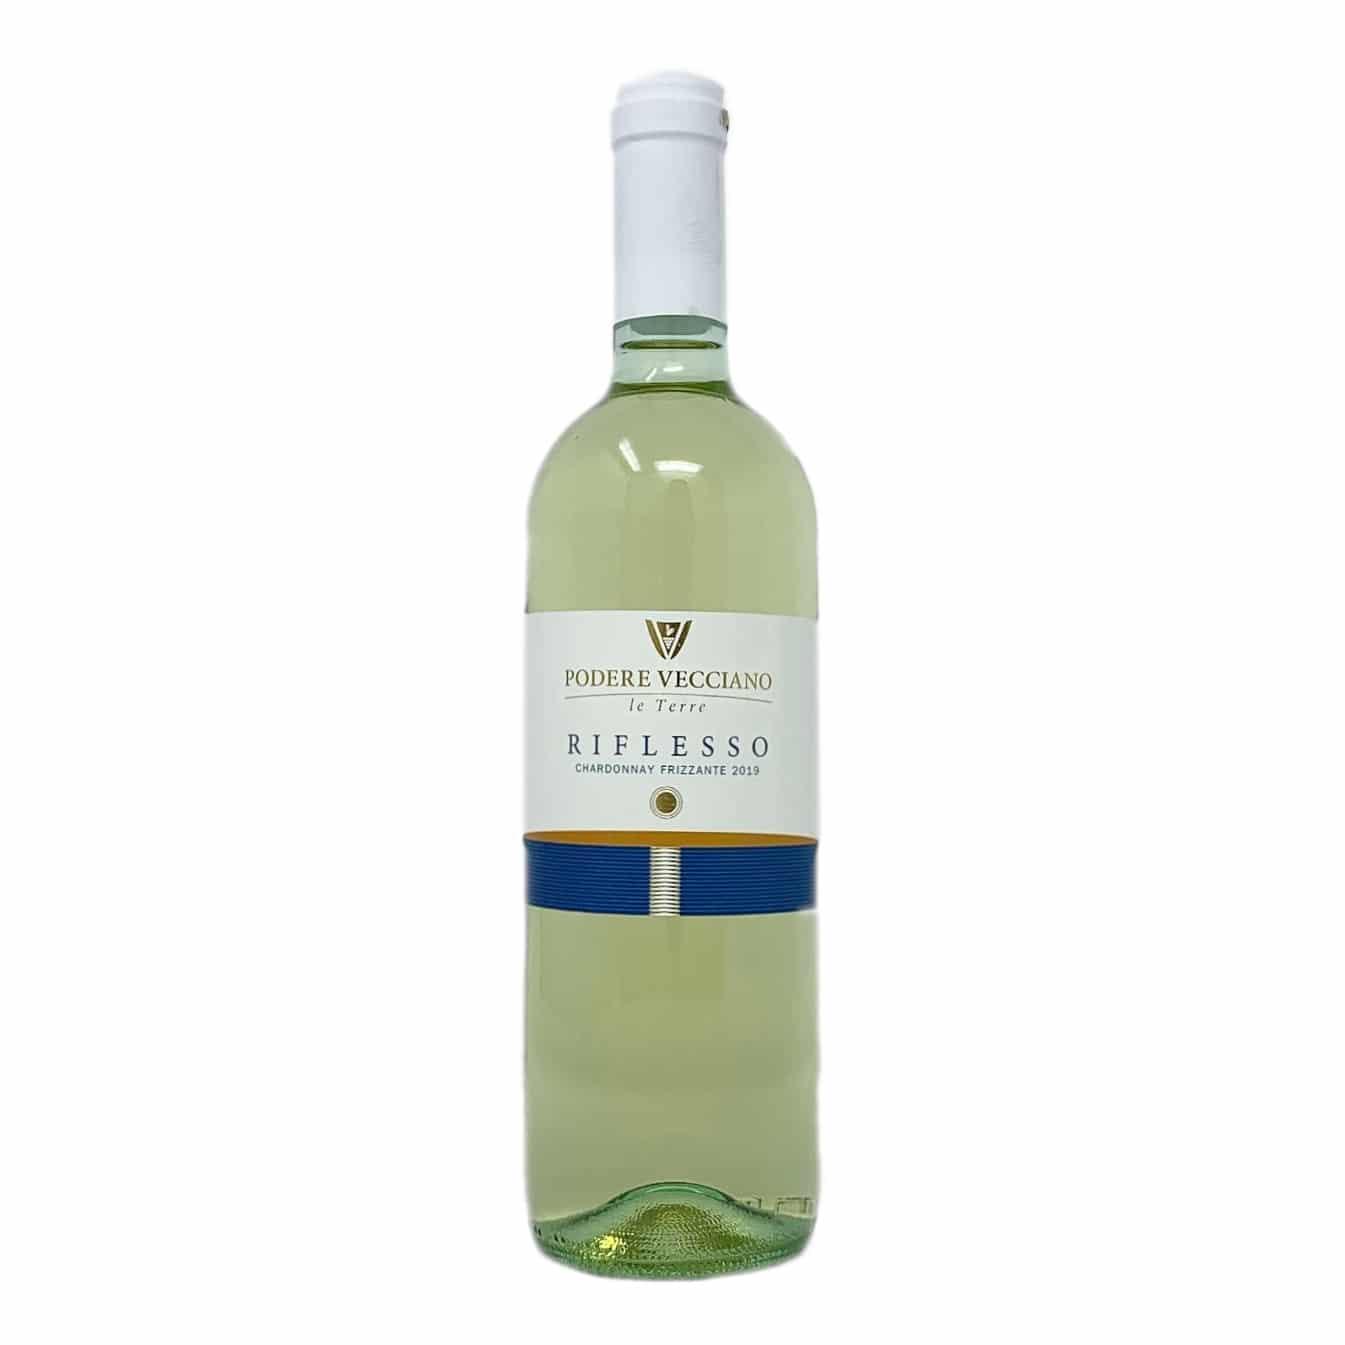 RIFLESSO Chardonnay Frizzante IGP Podere Vecciano - prodotti tipici romagnoli